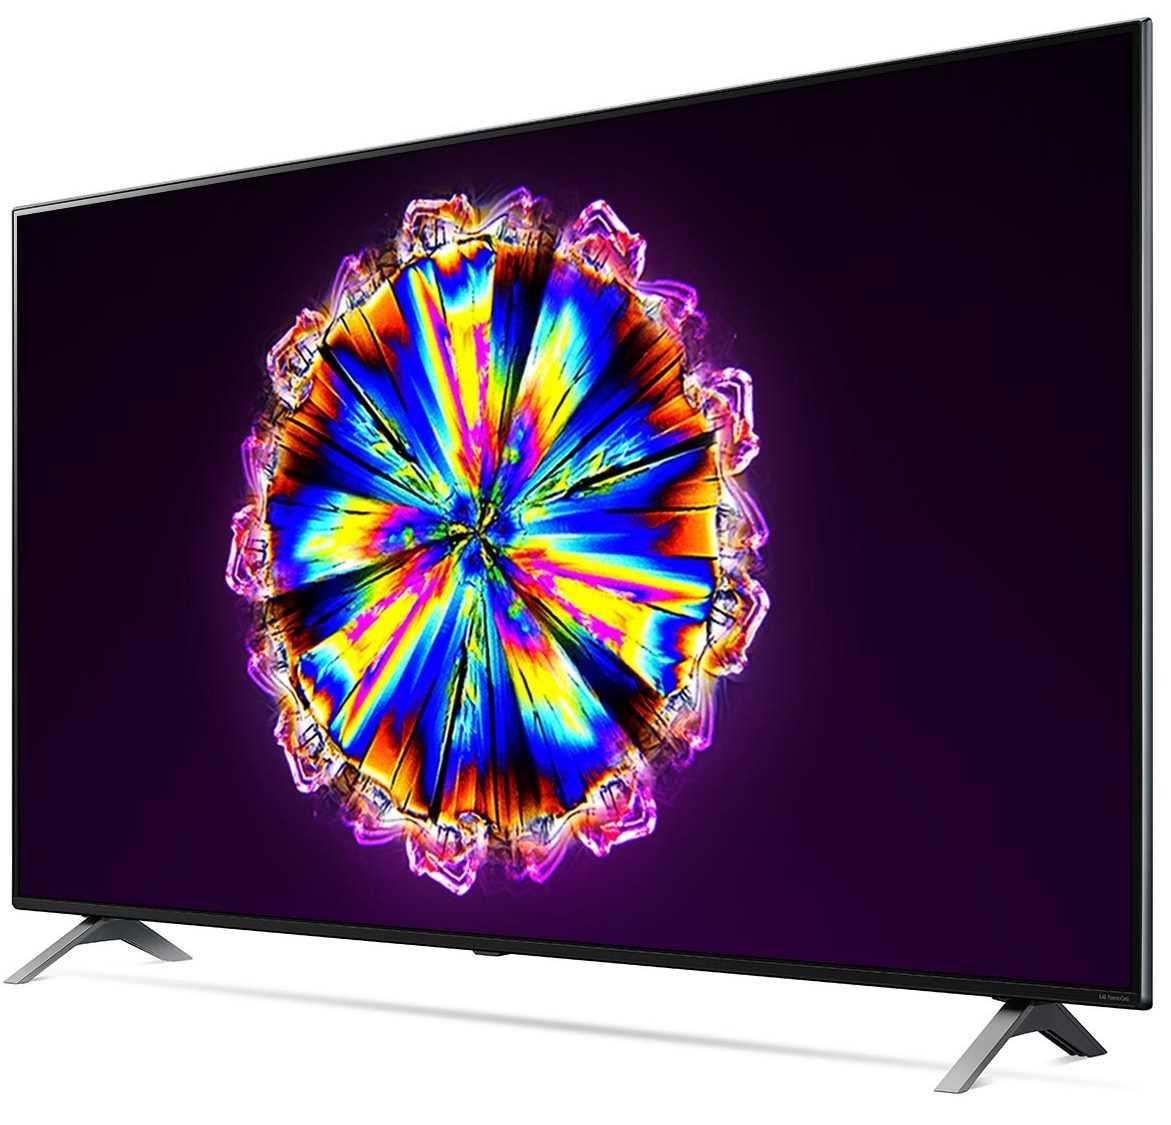 טלוויזיה בגודל 65